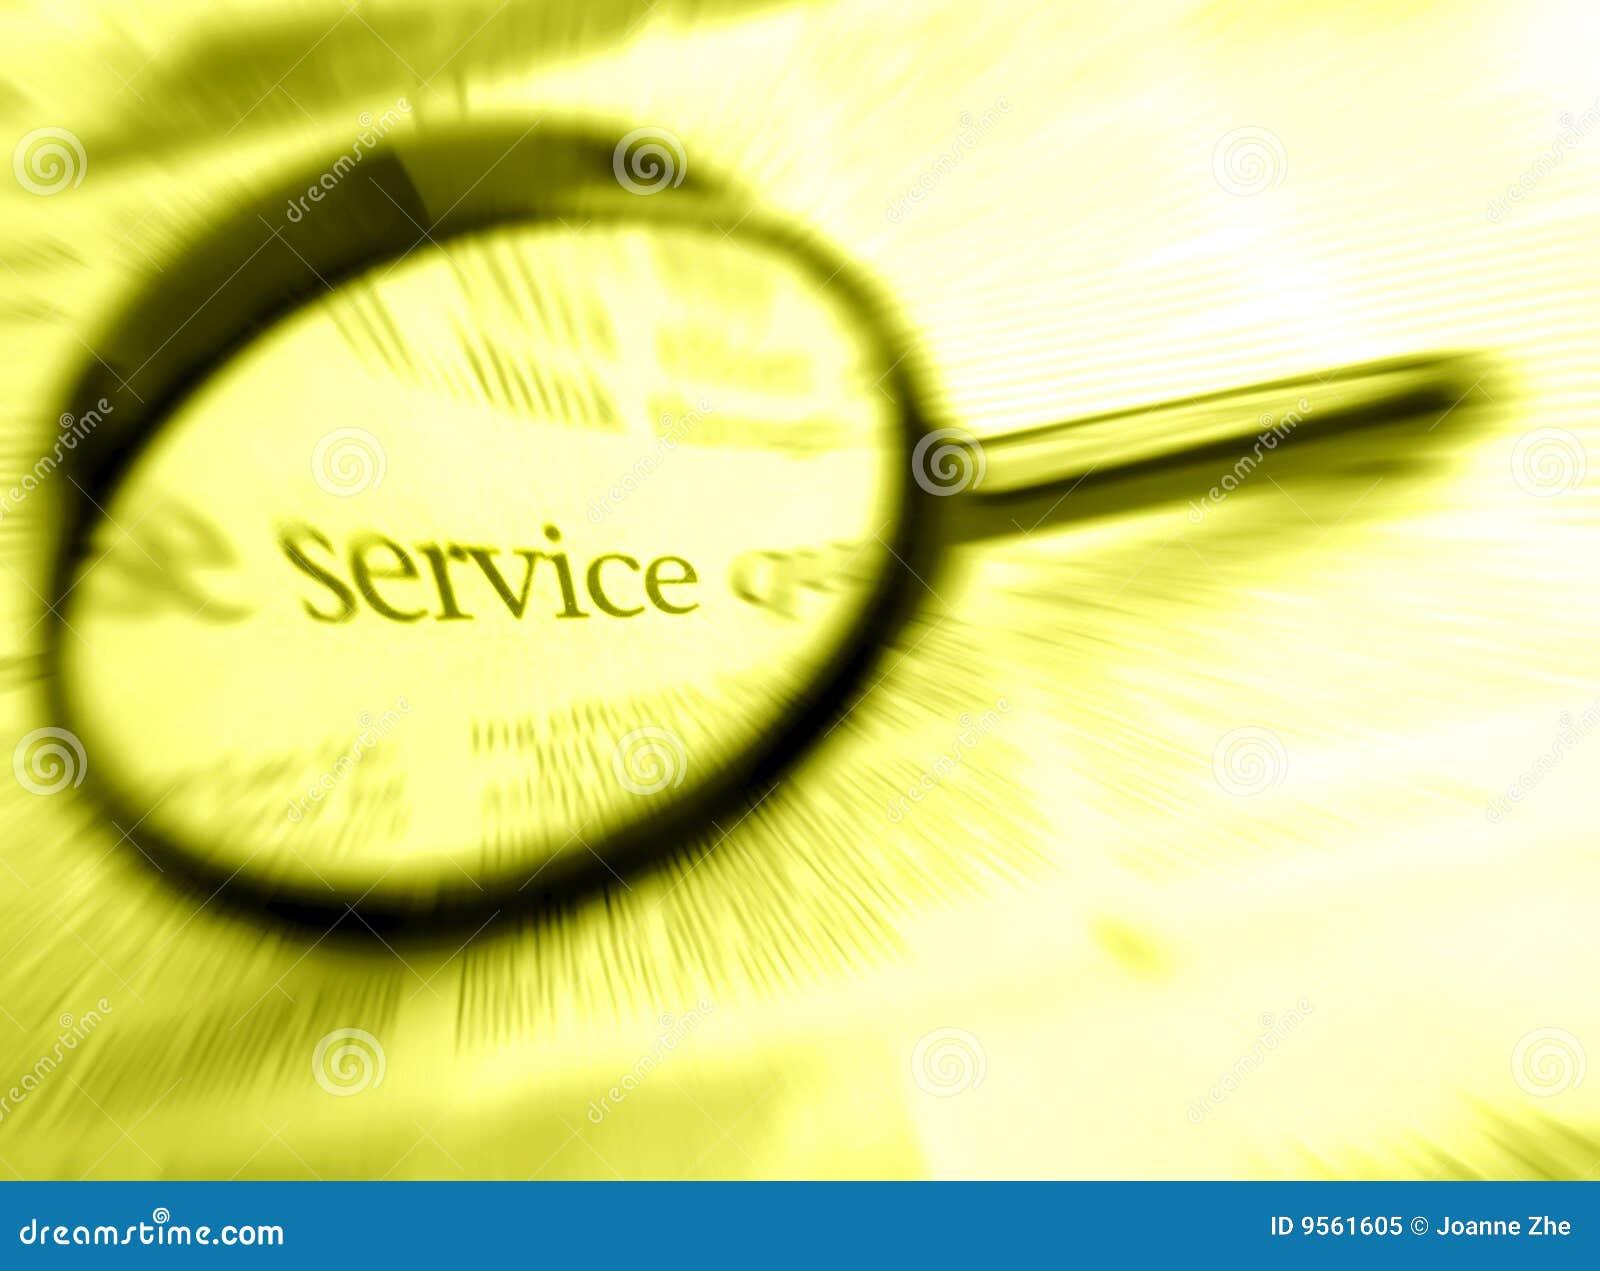 Zoek naar de woordDienst met meer magnifier